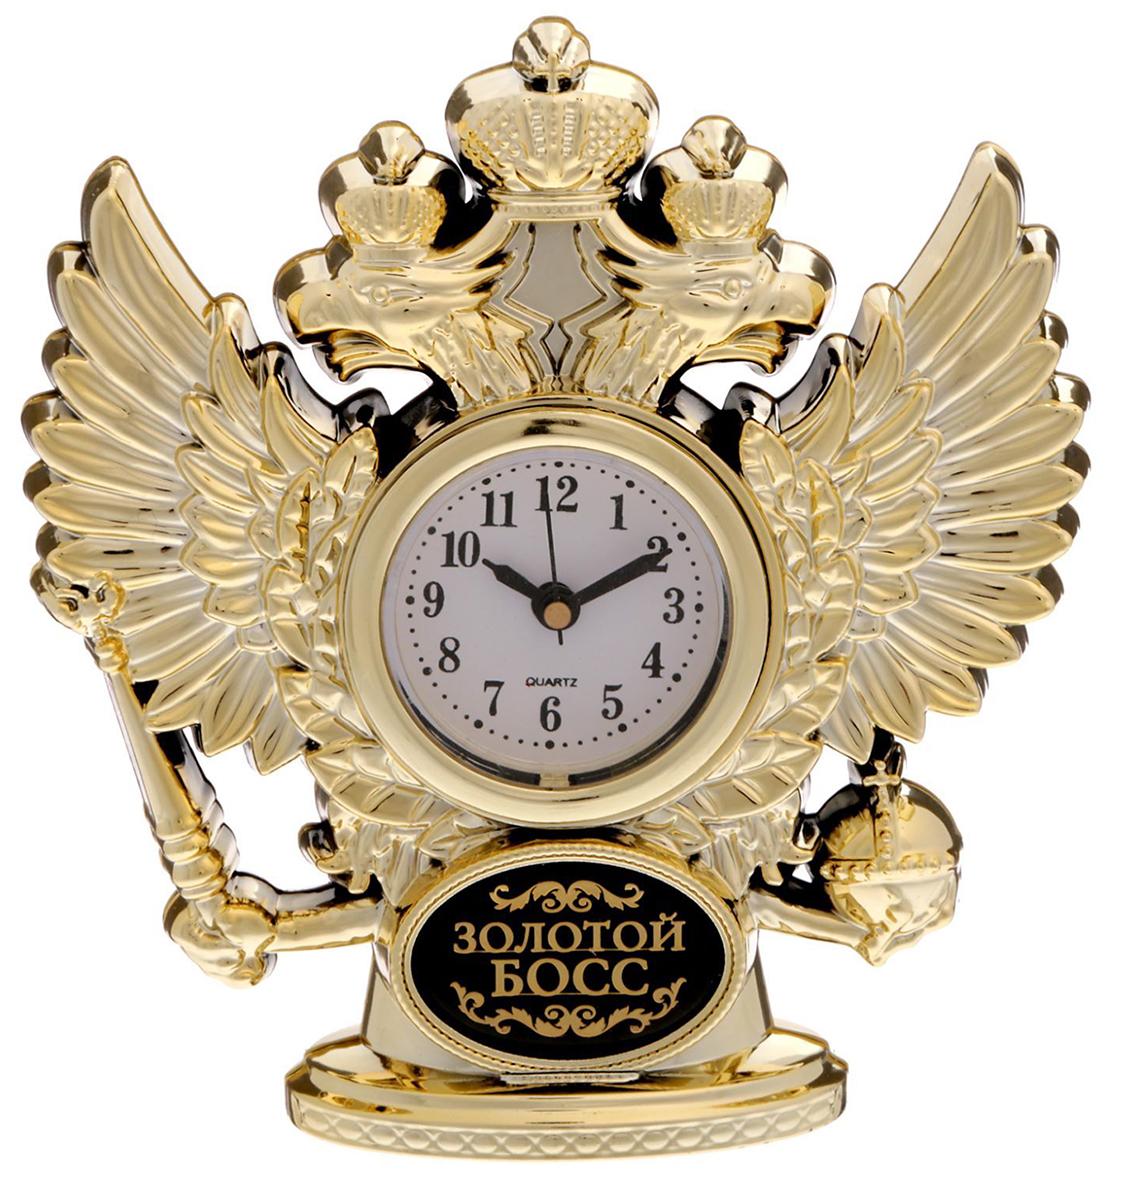 Часы настольные Золотой босс, 11 х 12 см. 16929141692914Изделие созданоы для истинных патриотов с твёрдым характером. Двуглавый орёл, словно стоит на страже вашего времени, обрамляя циферблат и придавая предмету статусный облик. Изделие прекрасно дополнит письменный стол или стеллаж в кабинете, ведь это не просто часы, но и стильная статуэтка. На обратной стороне вы найдёте мотивирующую на покорение всего мира надпись! Инструкция Аккуратно достаньте механизм с циферблатом из корпуса. Установите время с помощью колёсика. Вставьте механизм обратно. Часы работают от батареек AG 13. Сувенир преподносится в подарочной коробочке с прозрачным окном.